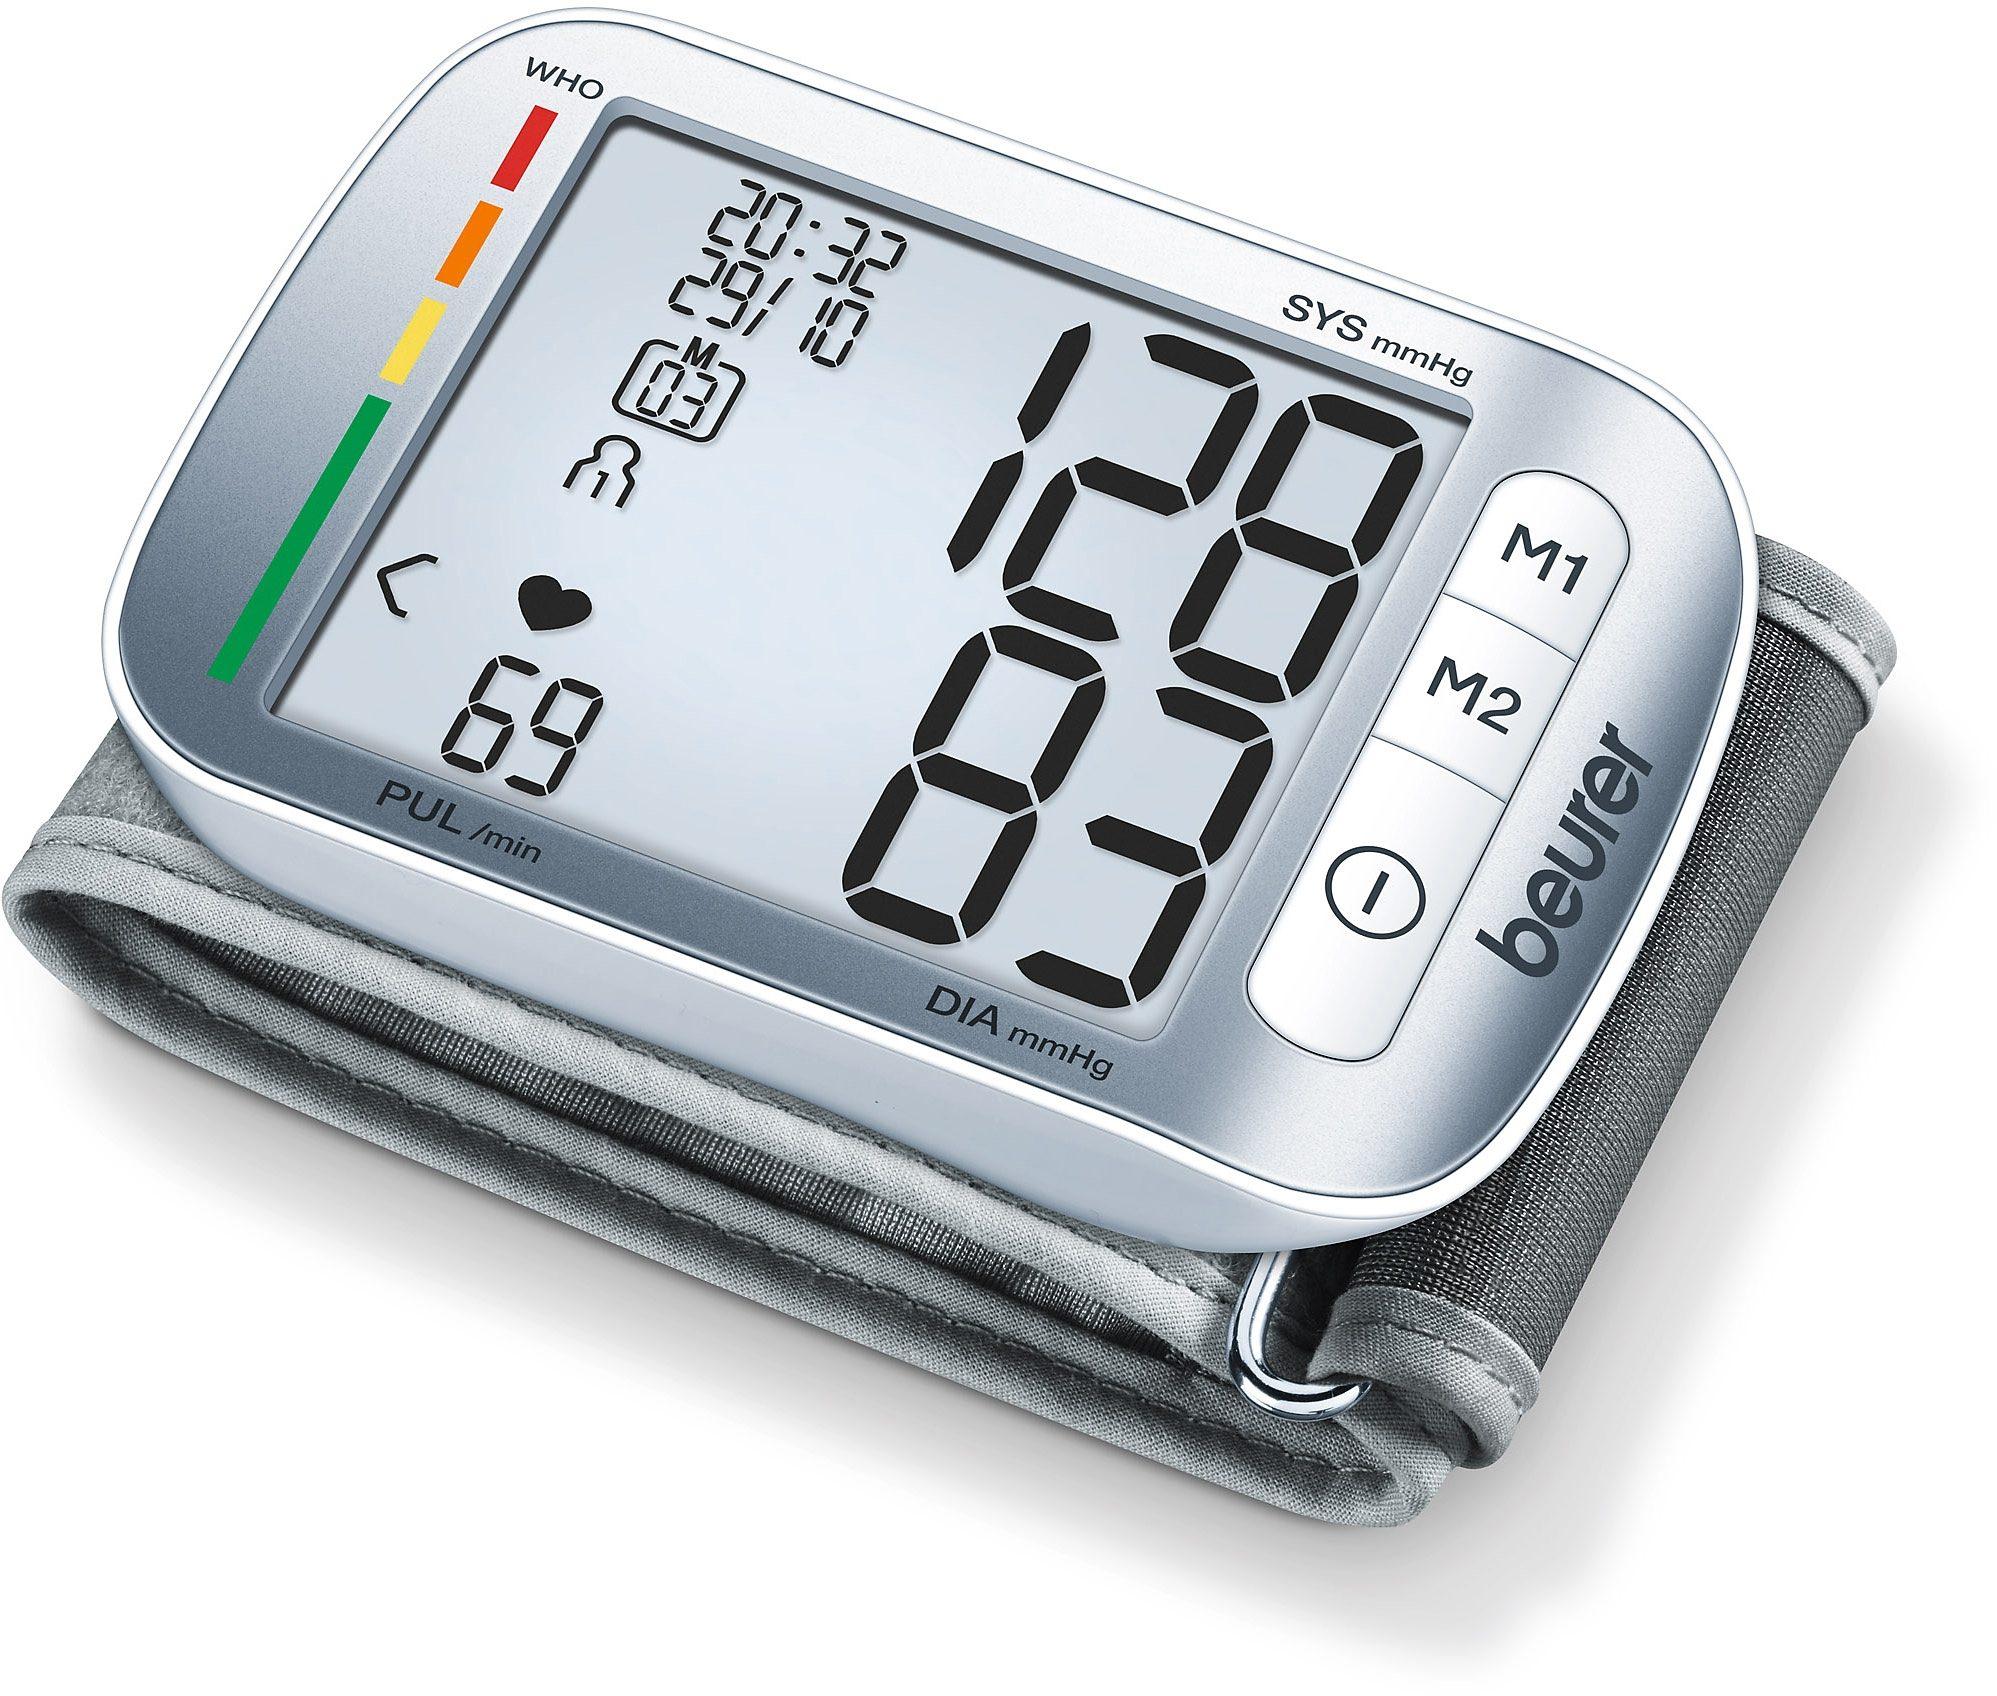 BEURER Handgelenk-Blutdruckmessgerät BC 50